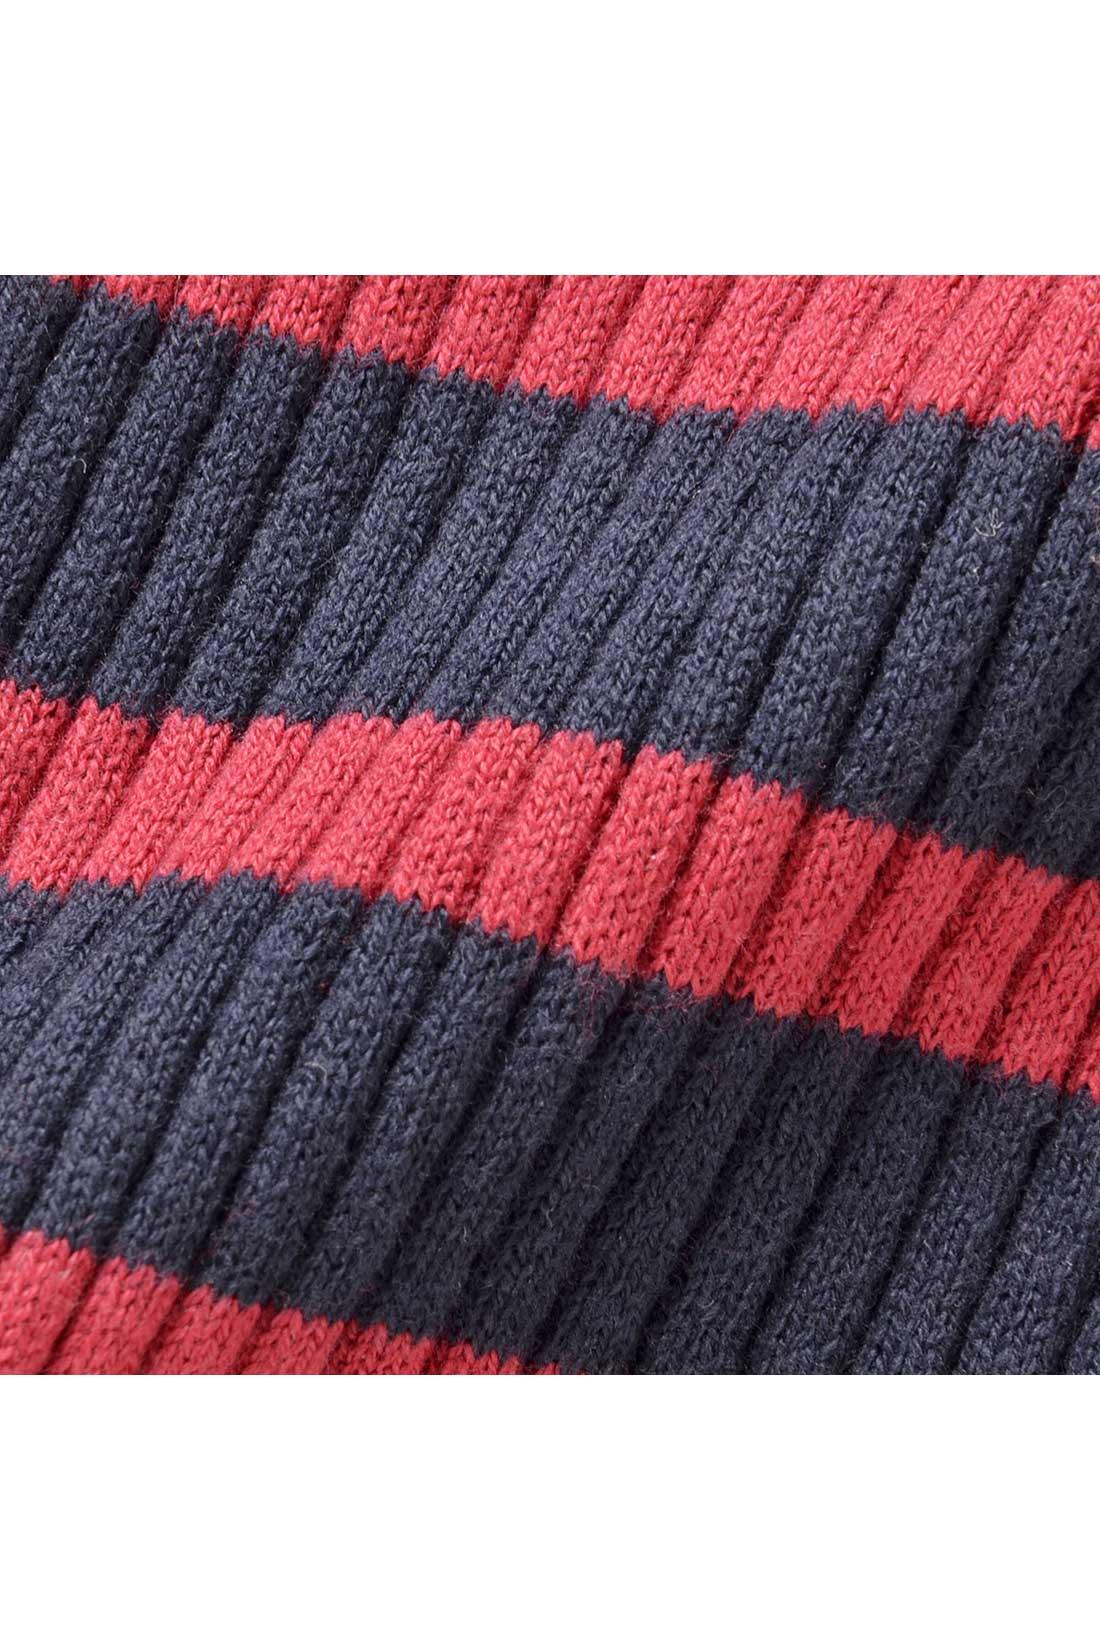 オーガニックコットンを、細見えするリブ編みですっきりシルエットに仕上げました。